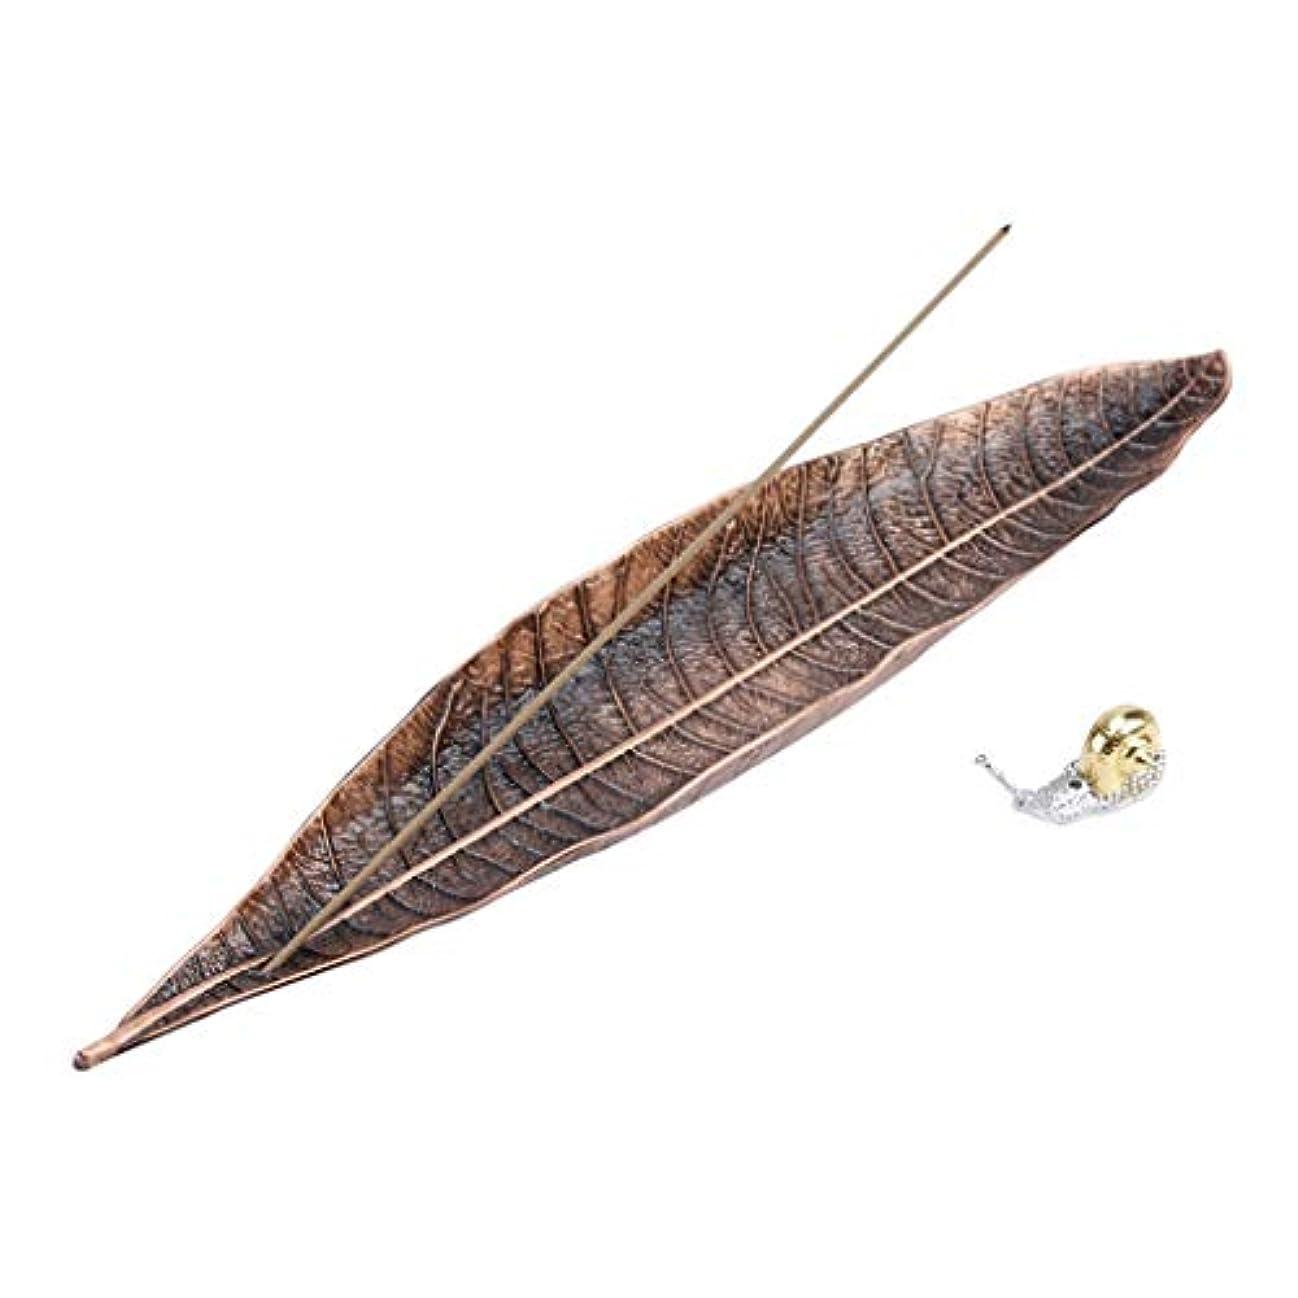 ピック正確さ権利を与える芳香器?アロマバーナー カタツムリの香の棒のホールダーの家の装飾の付属品が付いている葉の香のホールダーの灰のキャッチャーの長い香バーナー アロマバーナー芳香器 (Color : A)